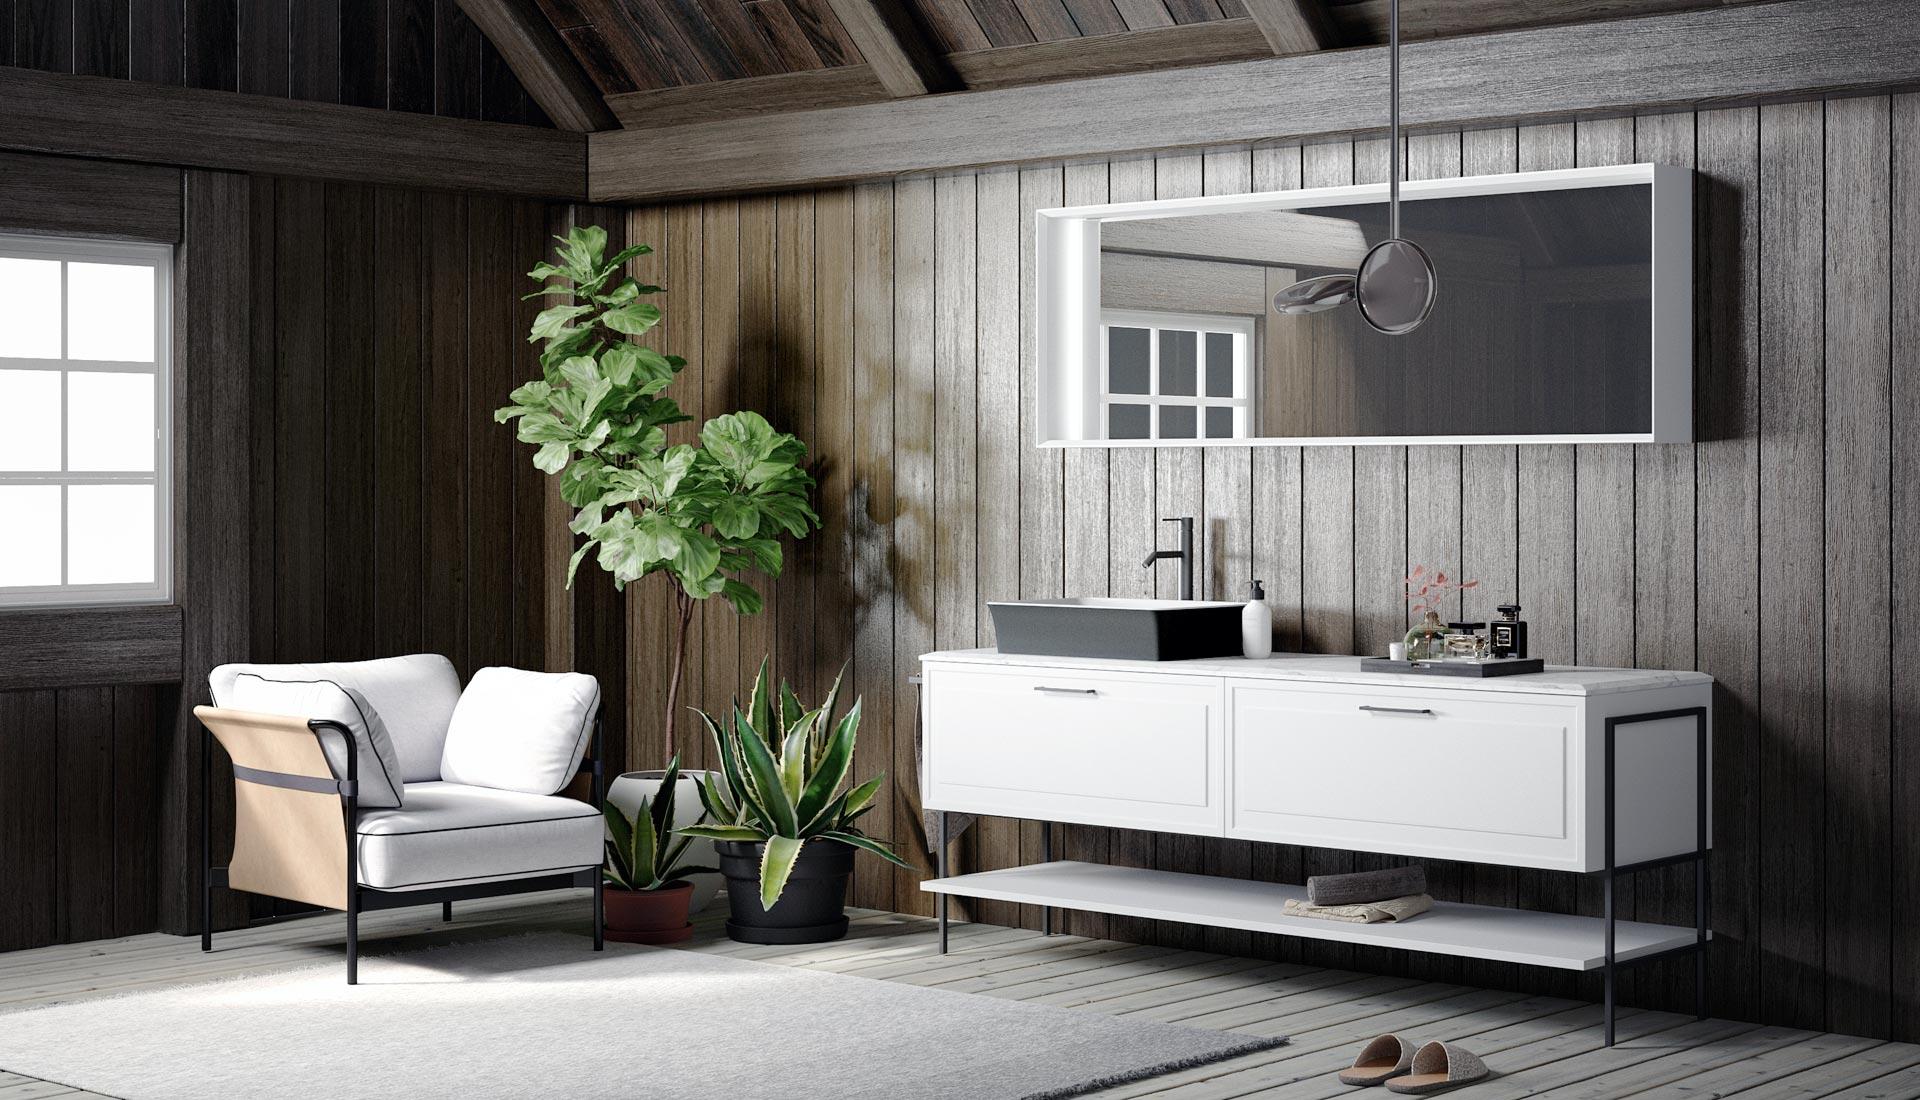 Arredo bagno mobili e arredamento bagno su misura puntotre for Archi arredo roma